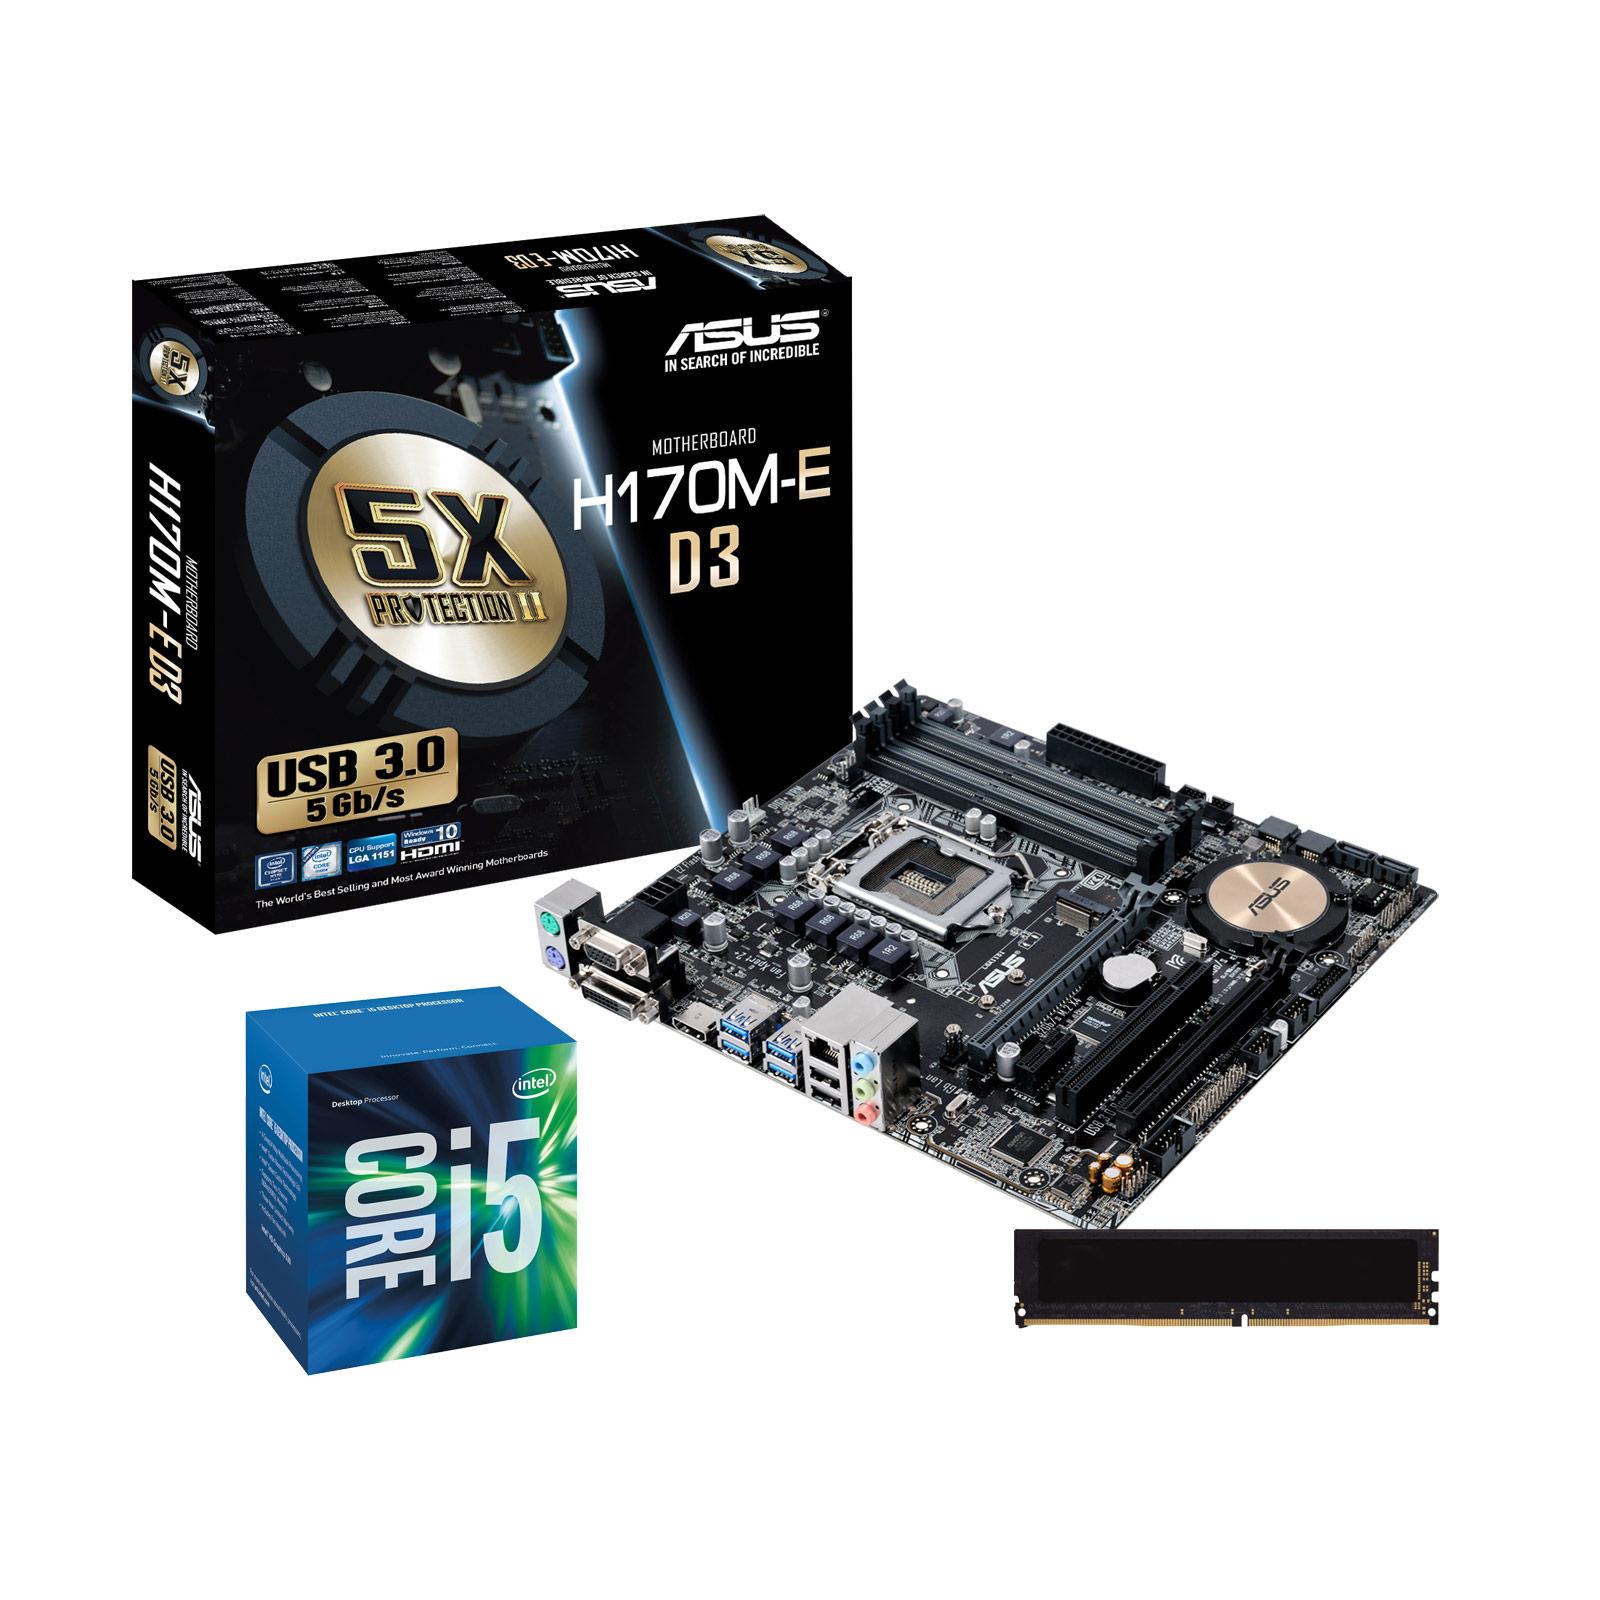 Kit Upgrade PC Core i5 ASUS H170M-E D3 4 Go - Kit upgrade ...